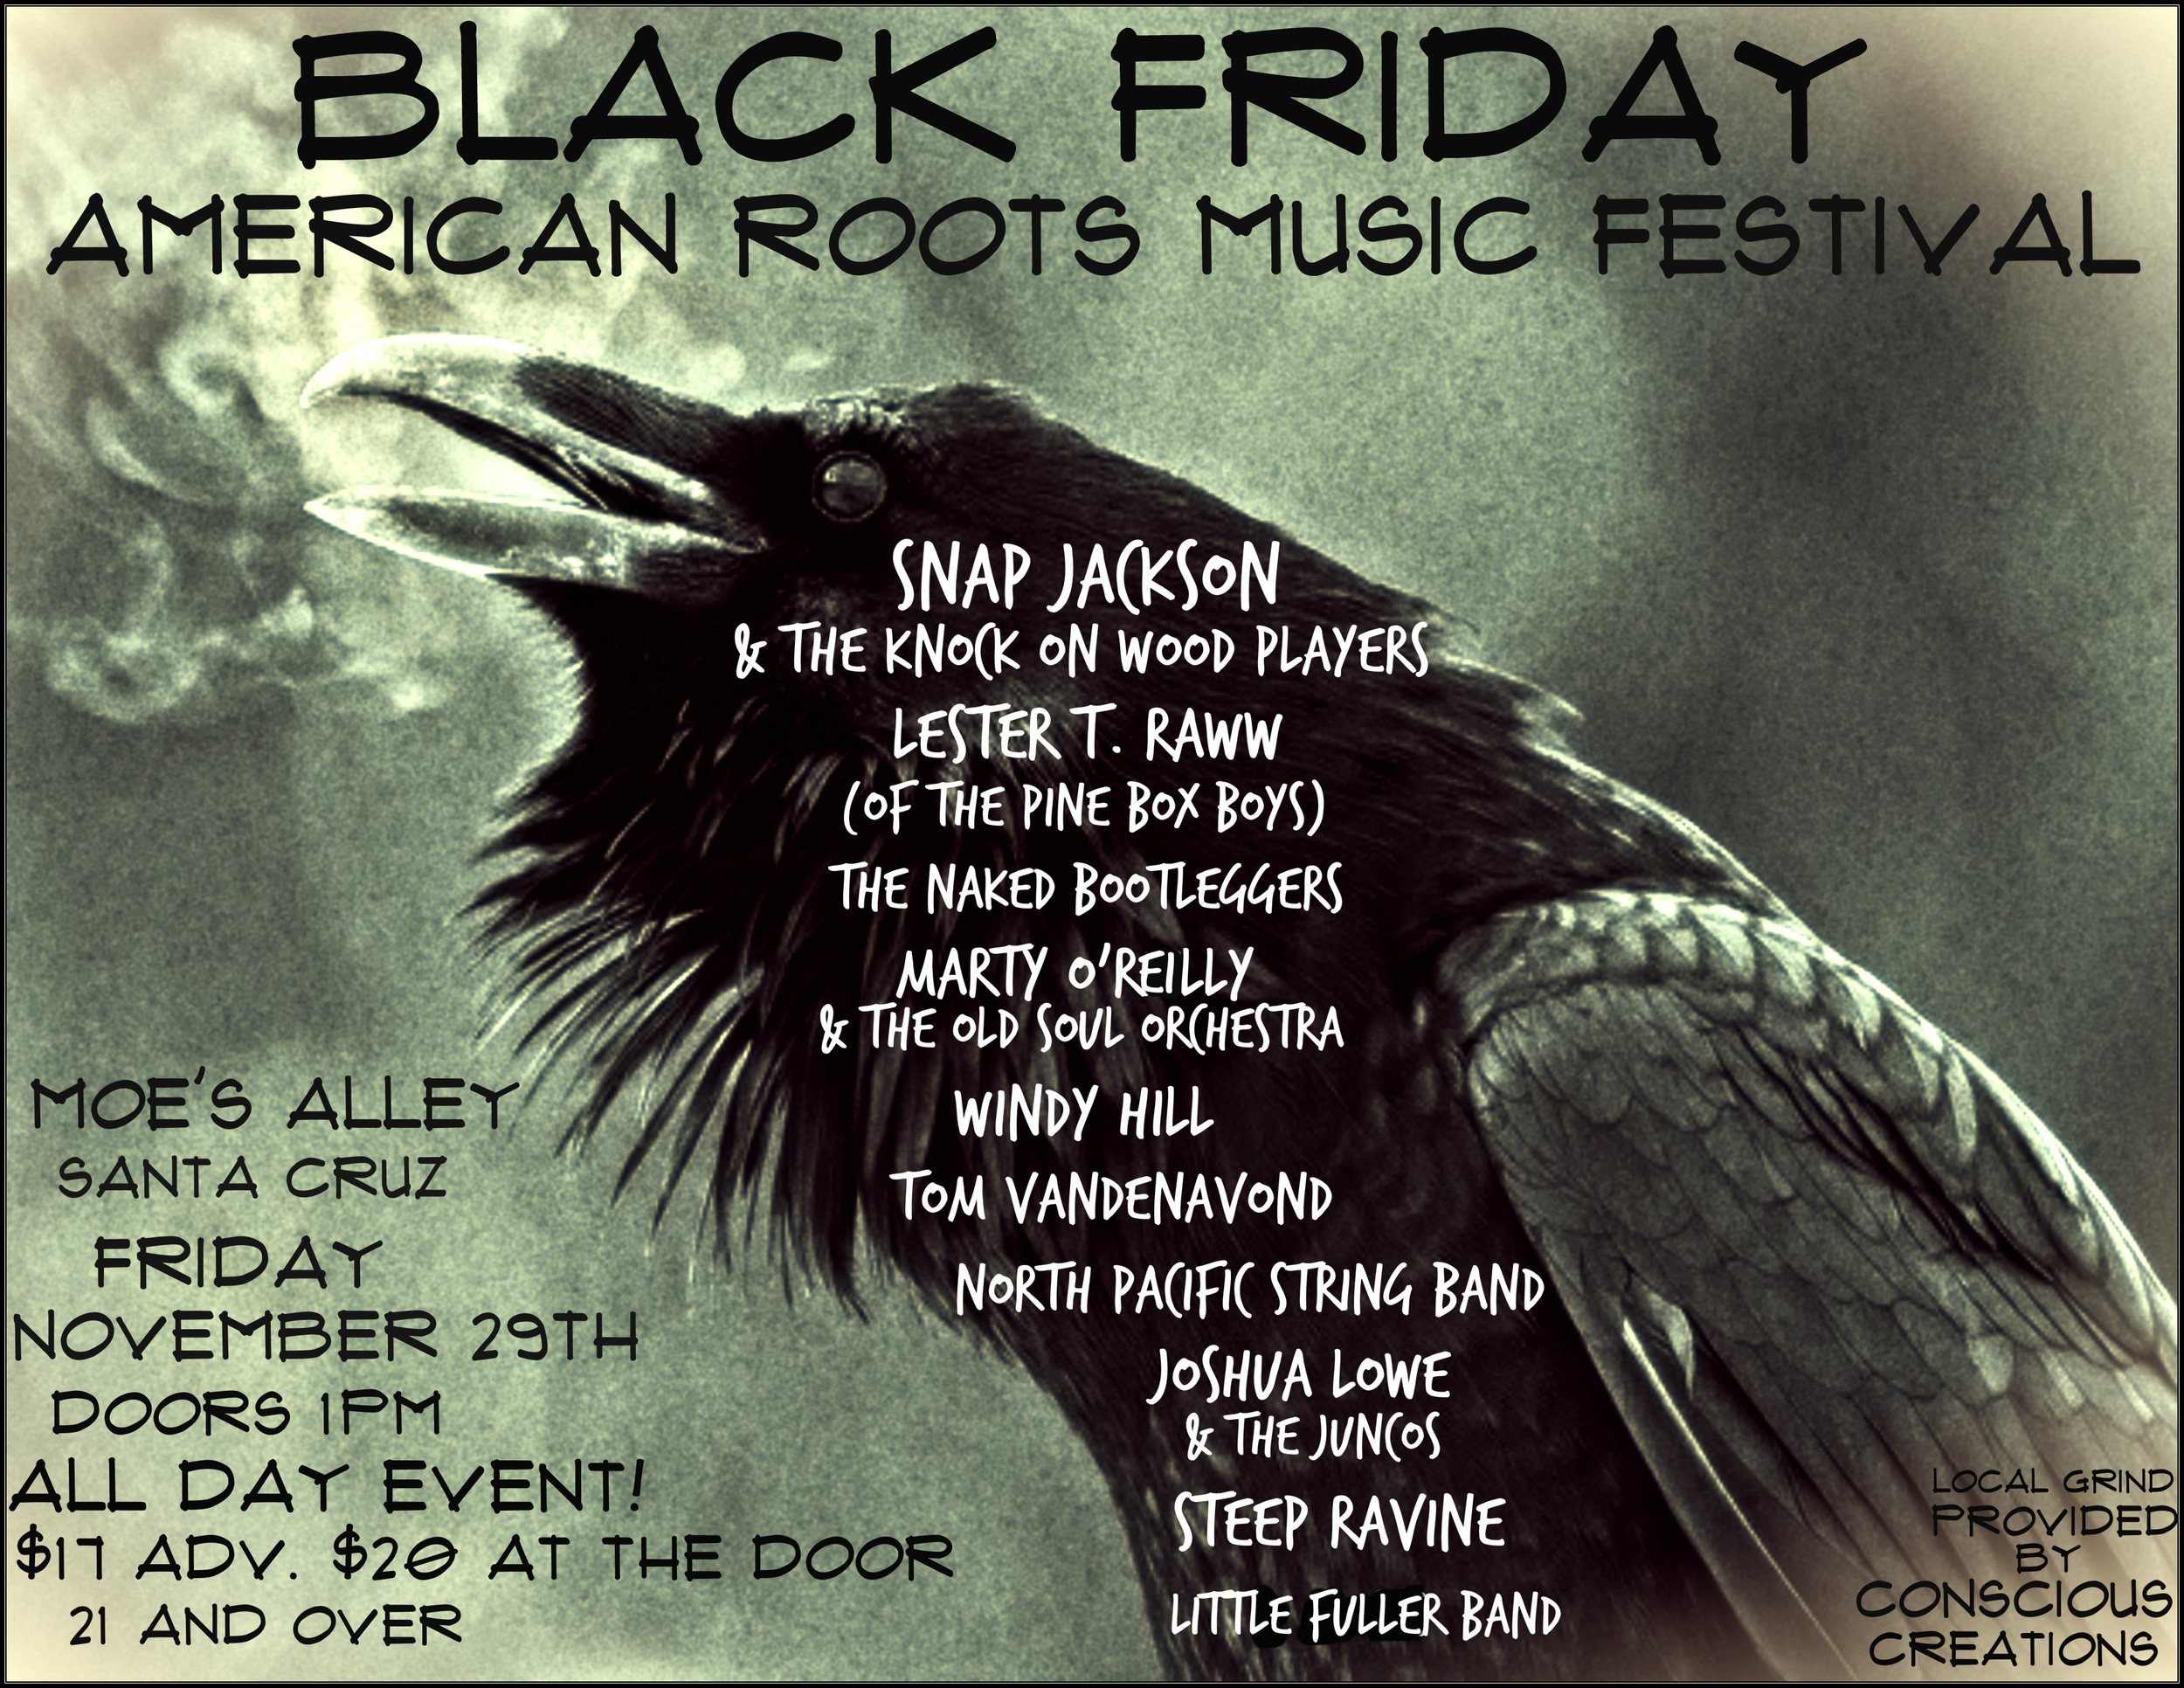 raven black friday festival version2.jpg